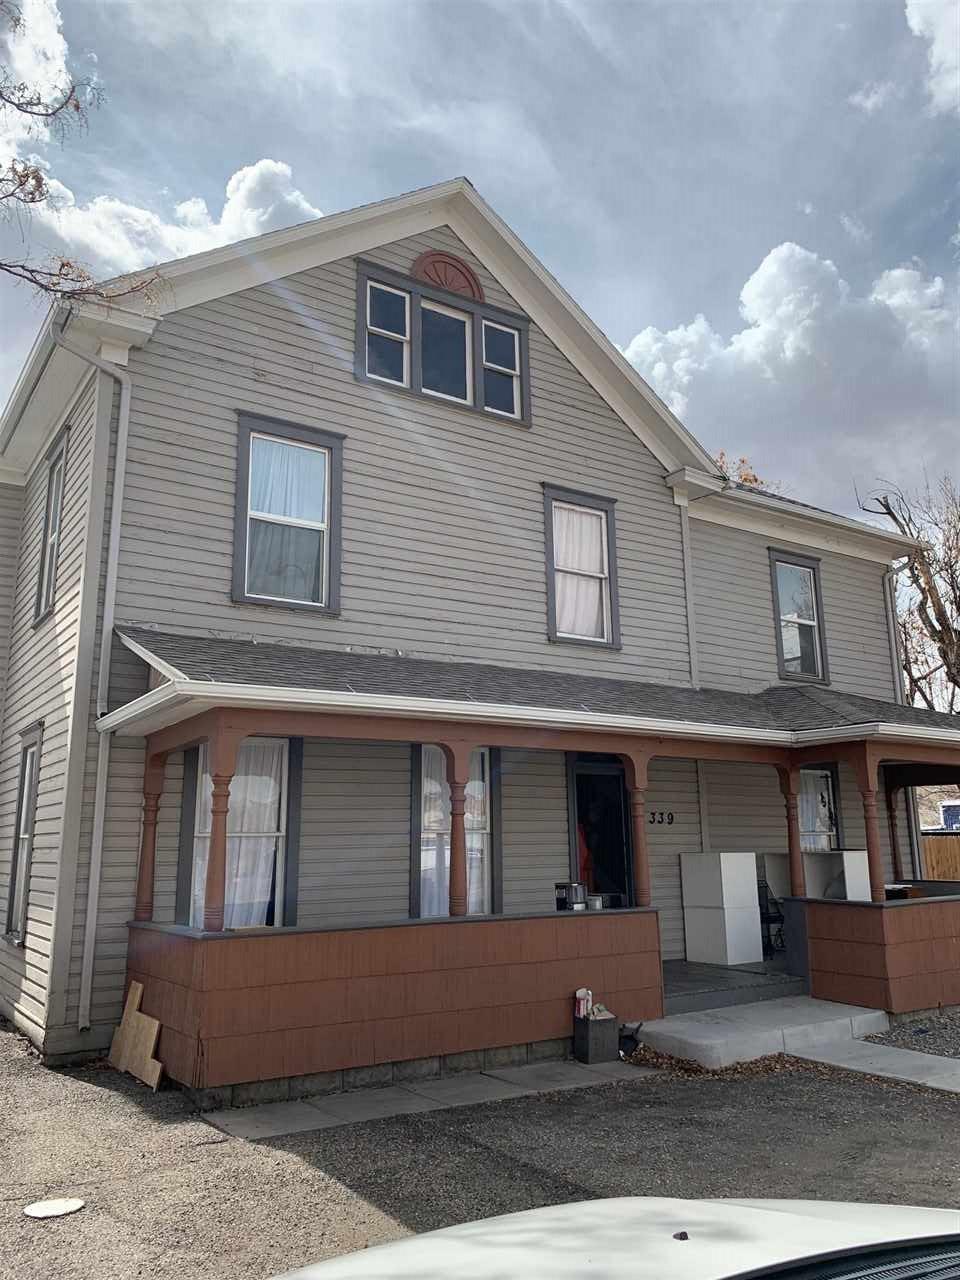 339 Ute Avenue, Grand Junction, CO 81501